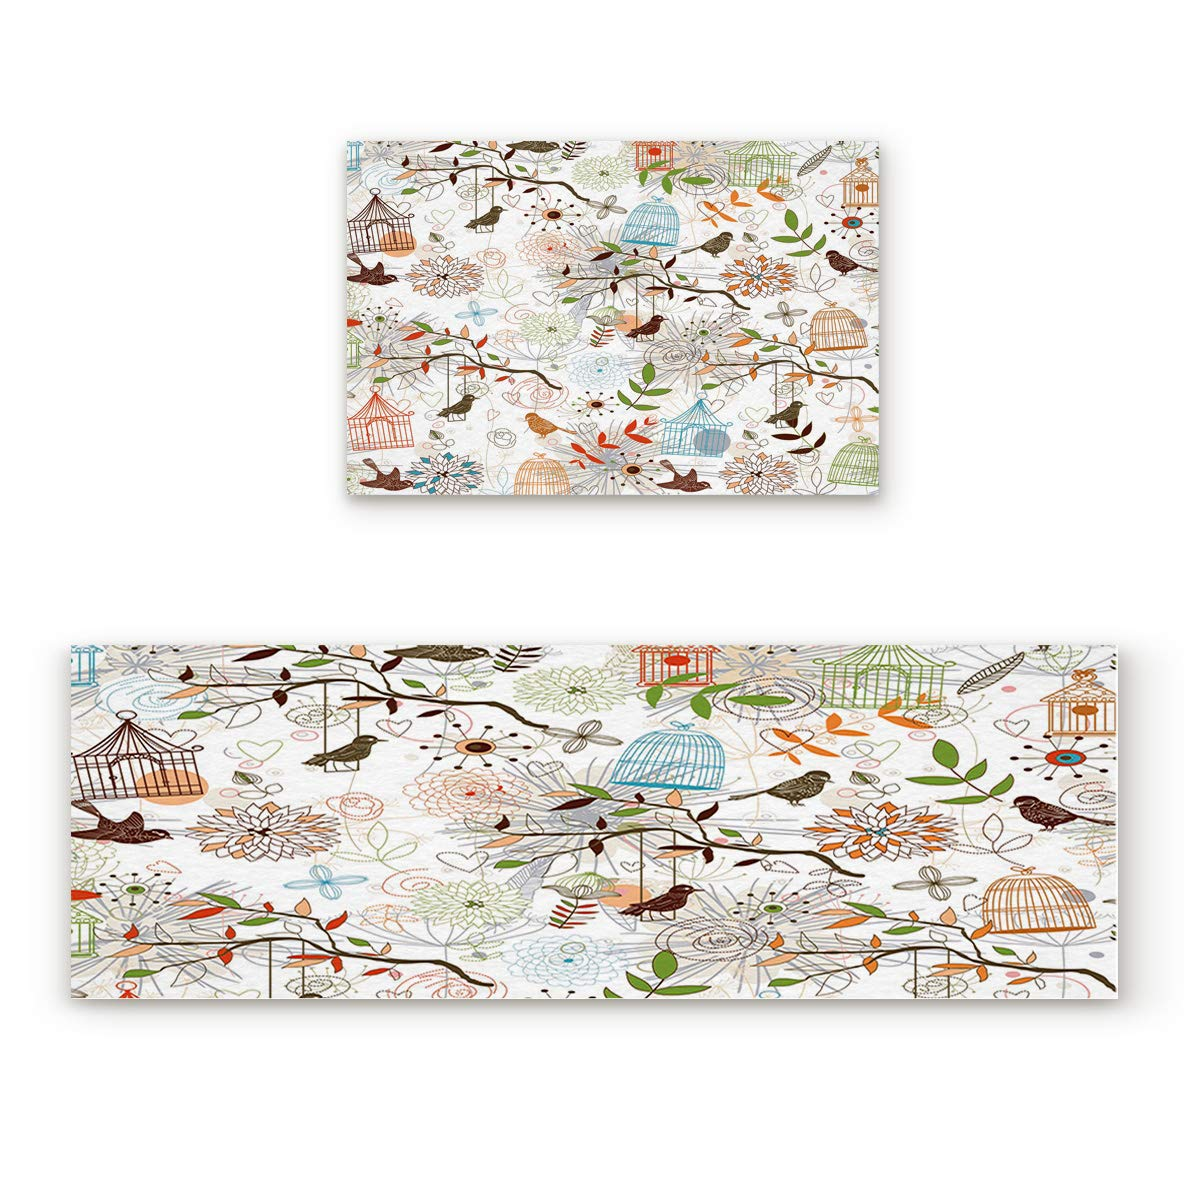 Bird1fiy3985 23.6x35.4In+23.6x70.9In Findamy Non-Slip Indoor Door Mat Entrance Rug Rectangle Absorbent Moisture Floor Carpet for Cartoon Artwork Birds Flowers Doormat 23.6x35.4In+23.6x70.9In